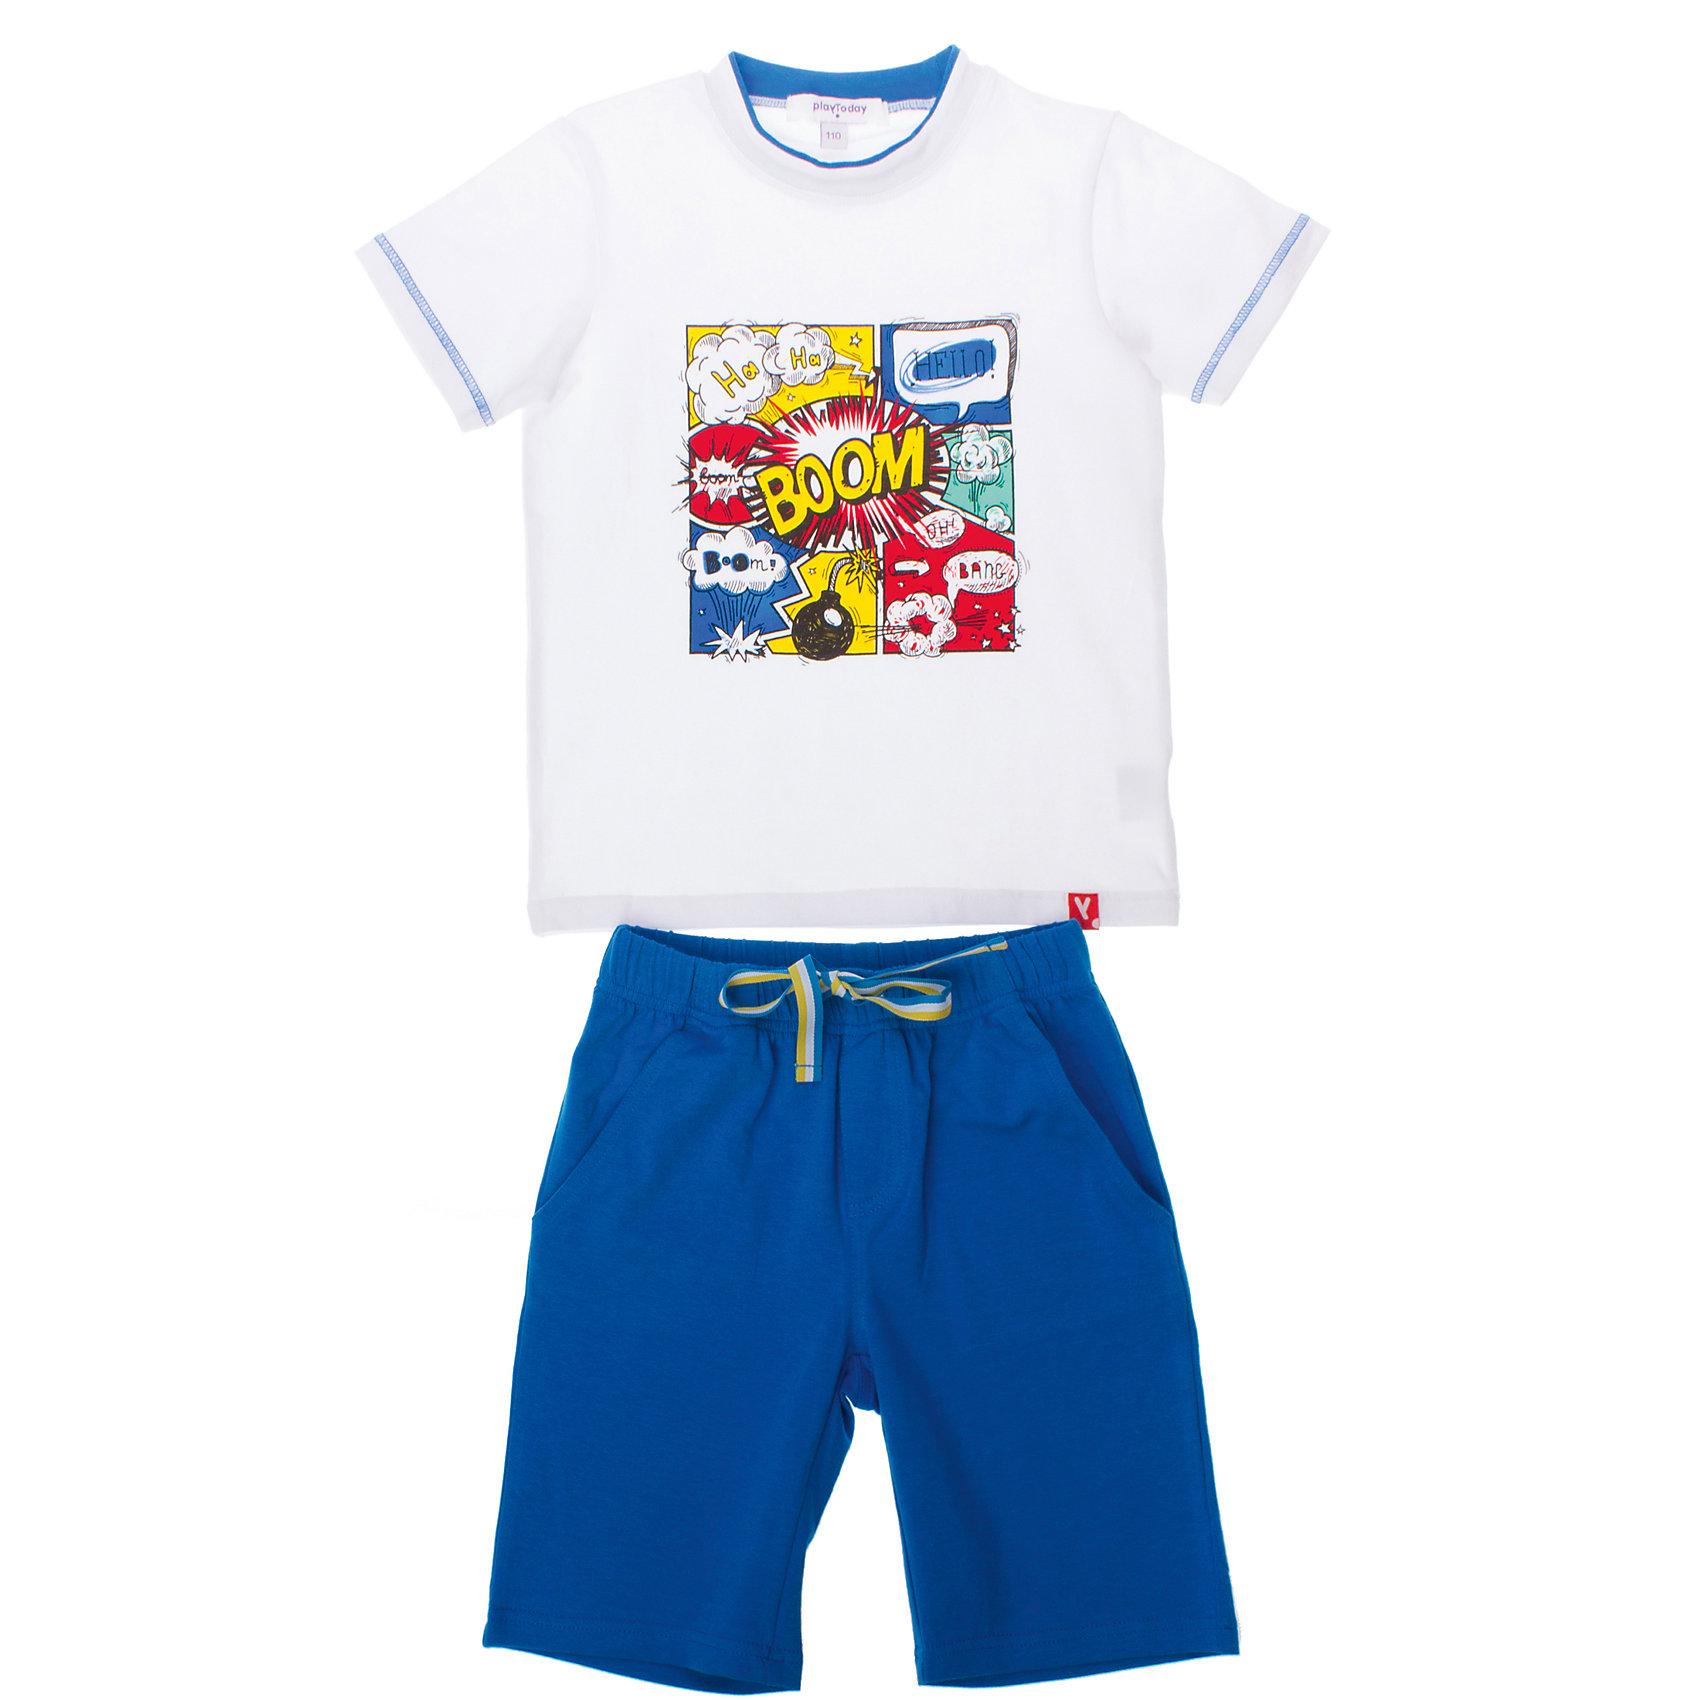 Комплект: футболка и шорты для мальчика PlayTodayКомплект: футболка и шорты для мальчика PlayToday <br><br>Состав: 95% хлопок, 5% эластан <br><br>Футболка: <br>Воротник на мягкой трикотажной резинке<br>Украшена водным принтом<br>На рукавах строчка голубого цвета<br>Шорты:<br>Удлиненные <br>Пояс на резинке<br>Дополнительно регулируются шнурком<br><br>Ширина мм: 199<br>Глубина мм: 10<br>Высота мм: 161<br>Вес г: 151<br>Цвет: разноцветный<br>Возраст от месяцев: 36<br>Возраст до месяцев: 48<br>Пол: Мужской<br>Возраст: Детский<br>Размер: 98,110,104,116,122,128<br>SKU: 4504153